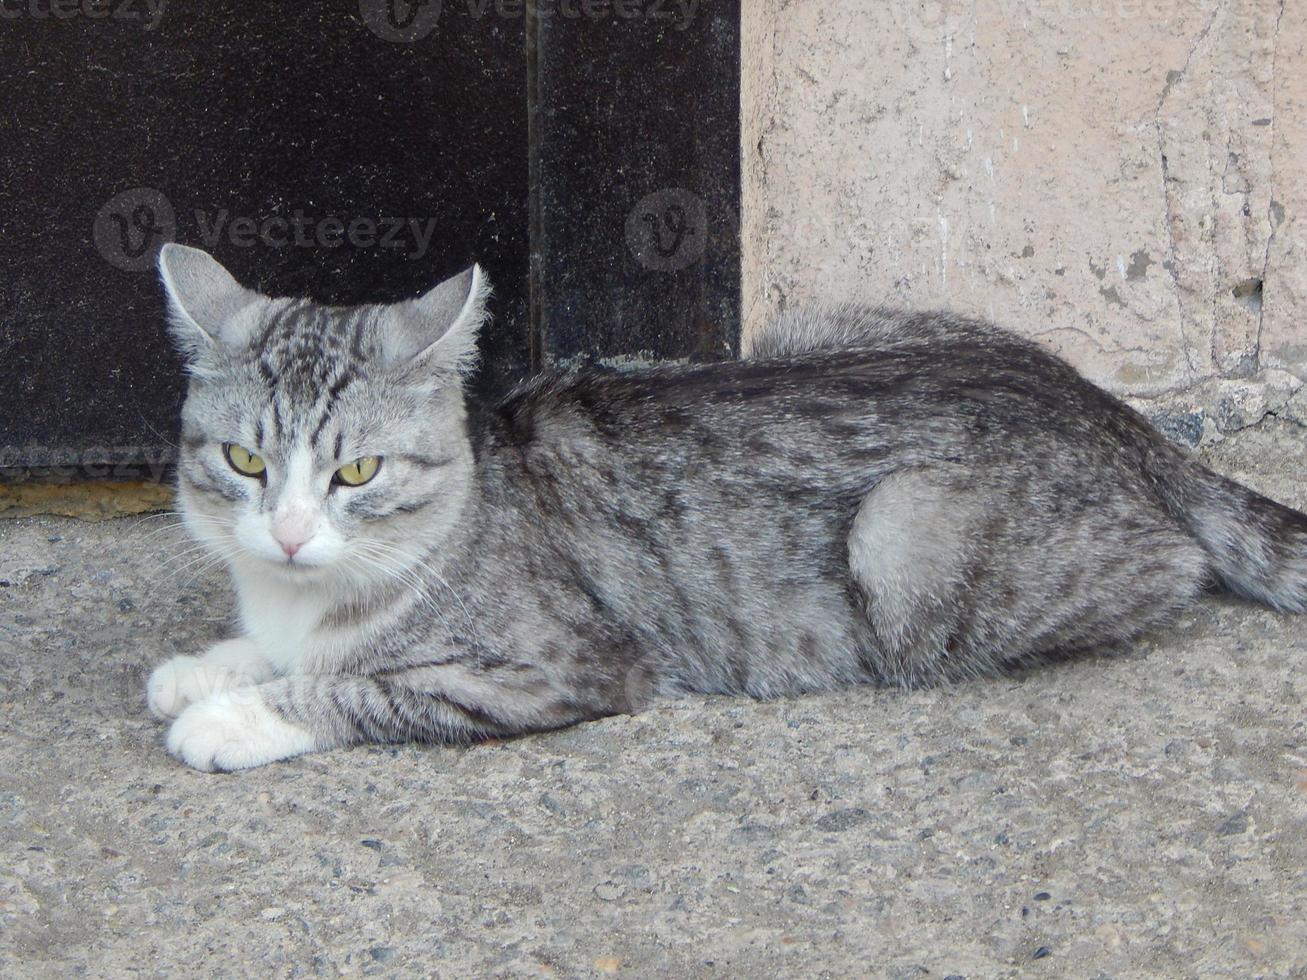 Katze ist wütend auf den Fotografen foto